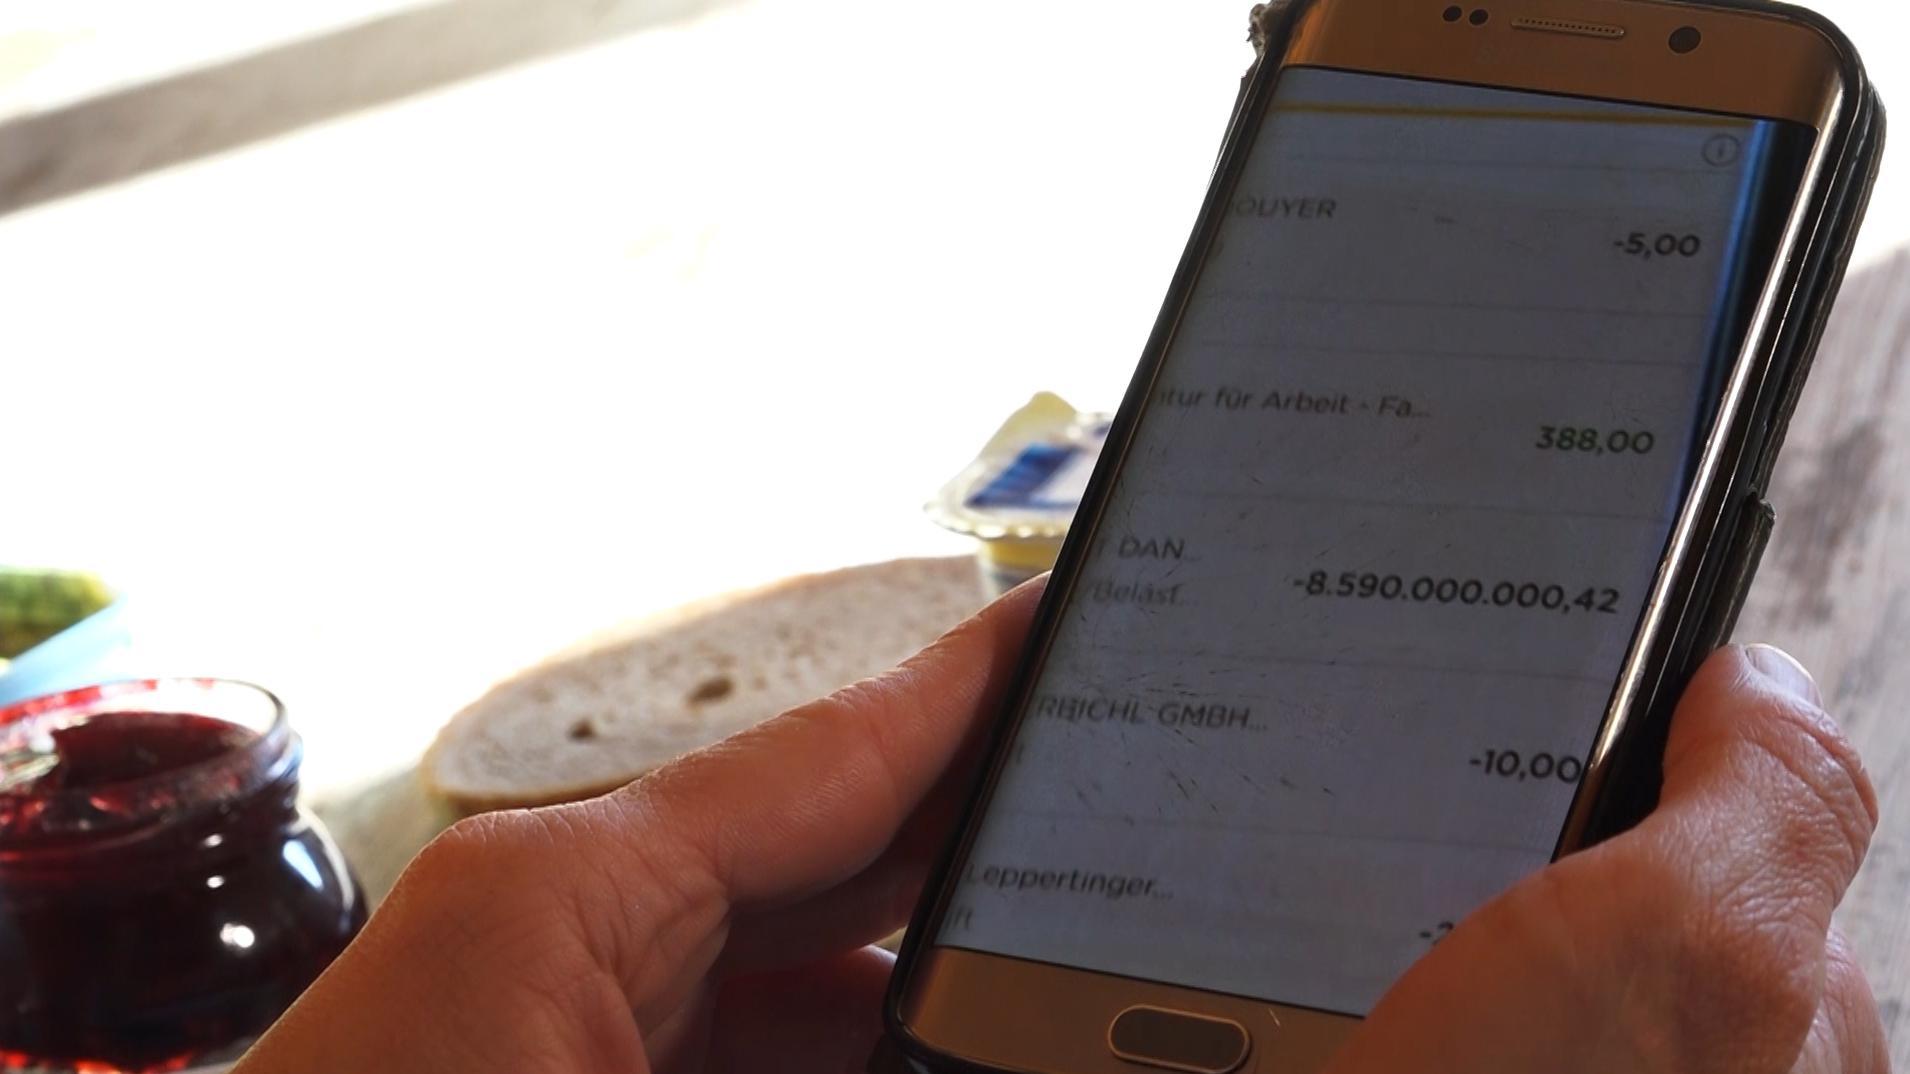 Auf dem Handy ist der Kontostand über eine Banking-App zu sehen.